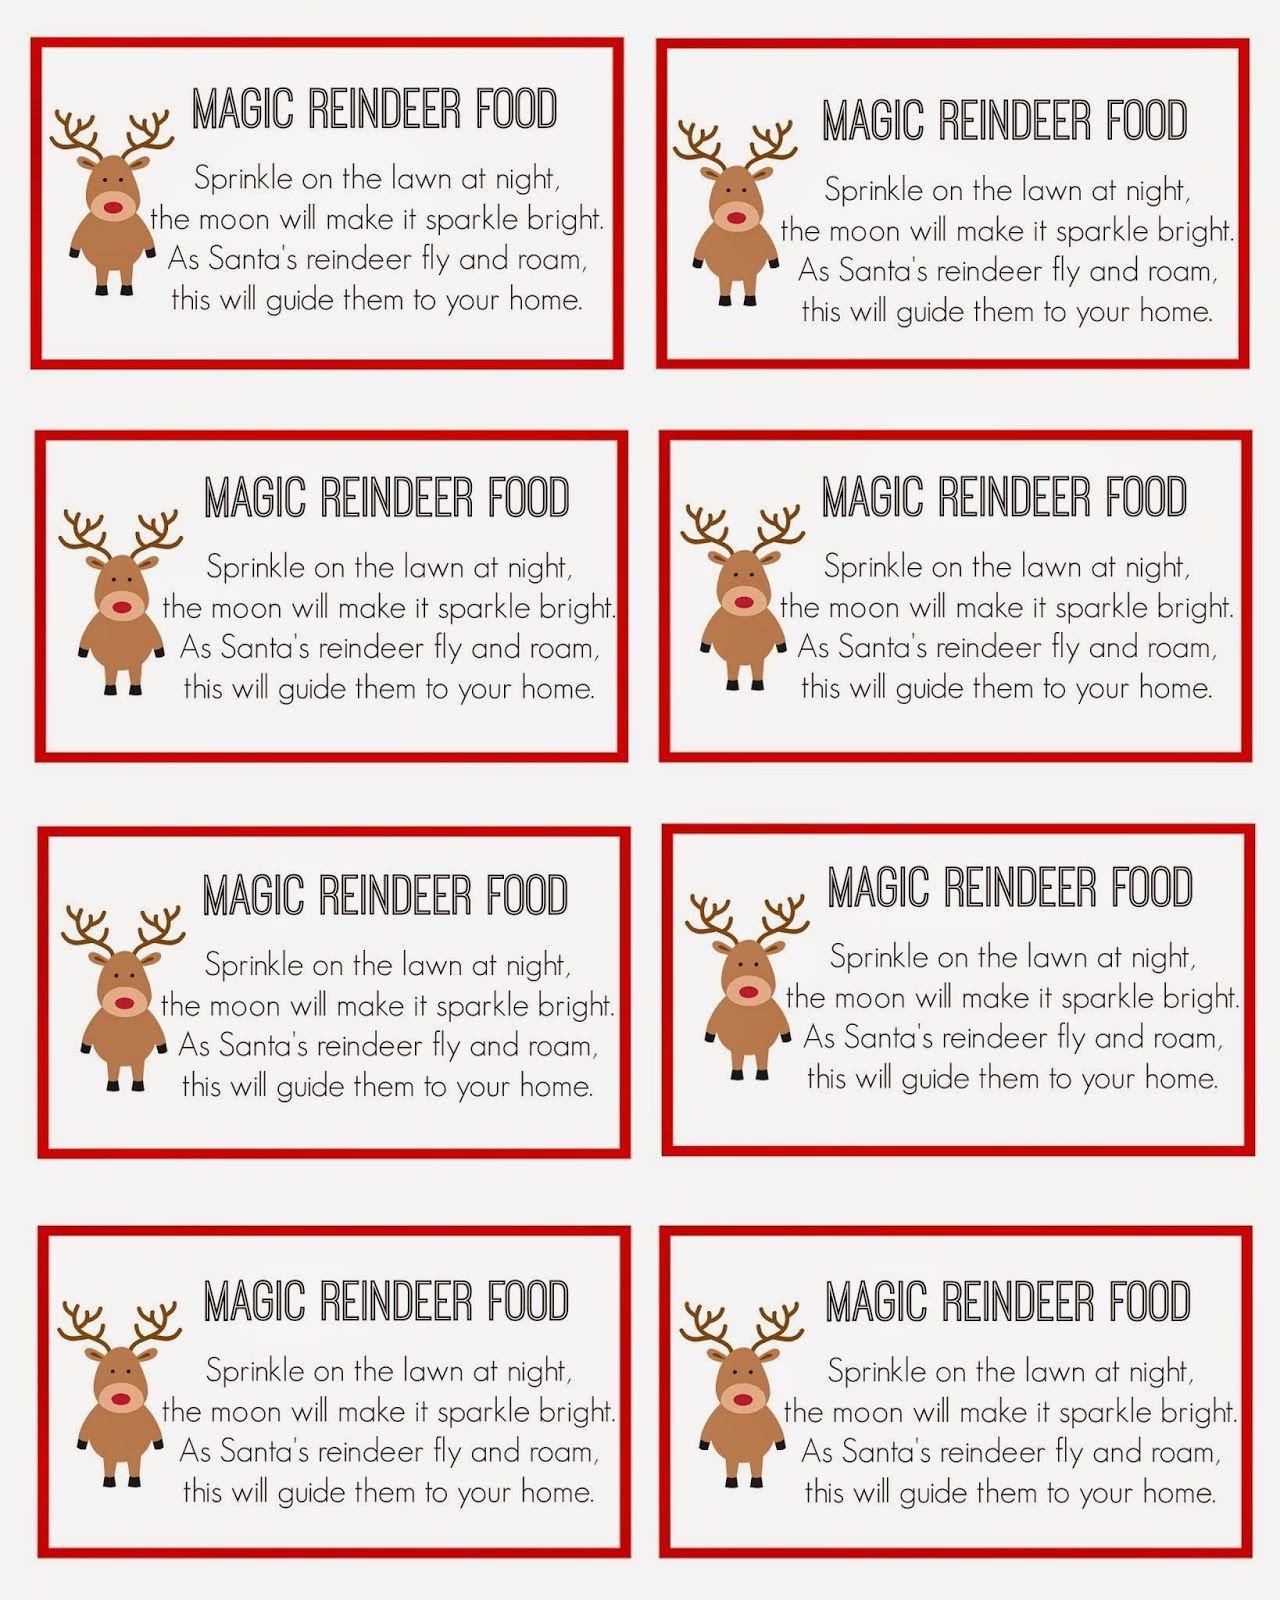 Magic Reindeer Food | Christmas | Reindeer Food, Magic Reindeer Food - Reindeer Food Poem Free Printable